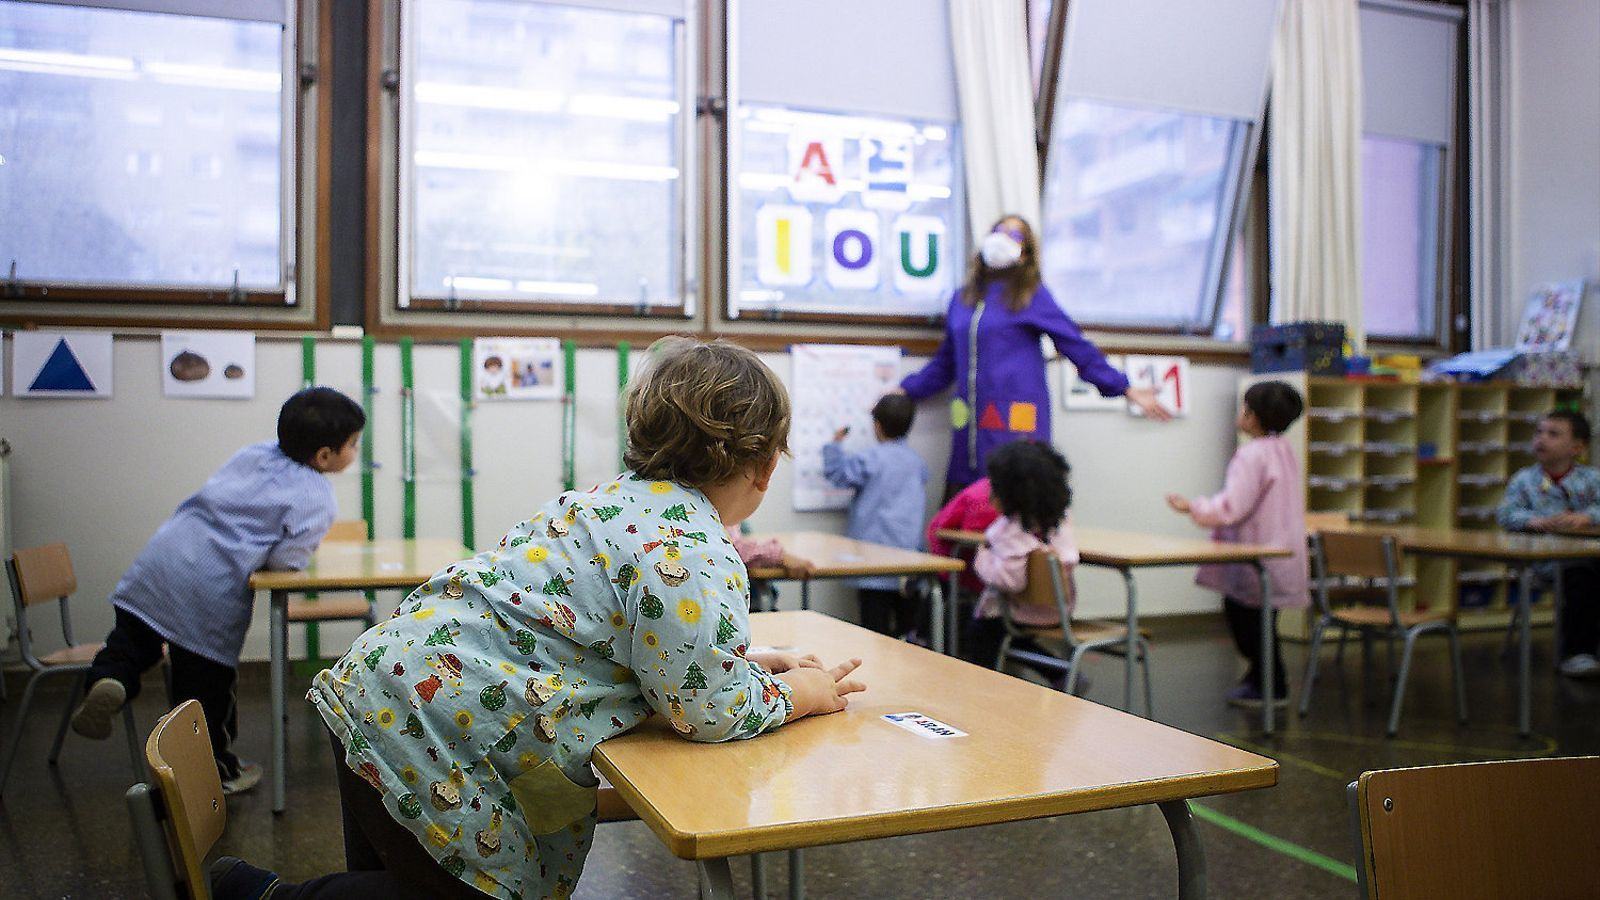 Anorak en el aula para mitigar el covid